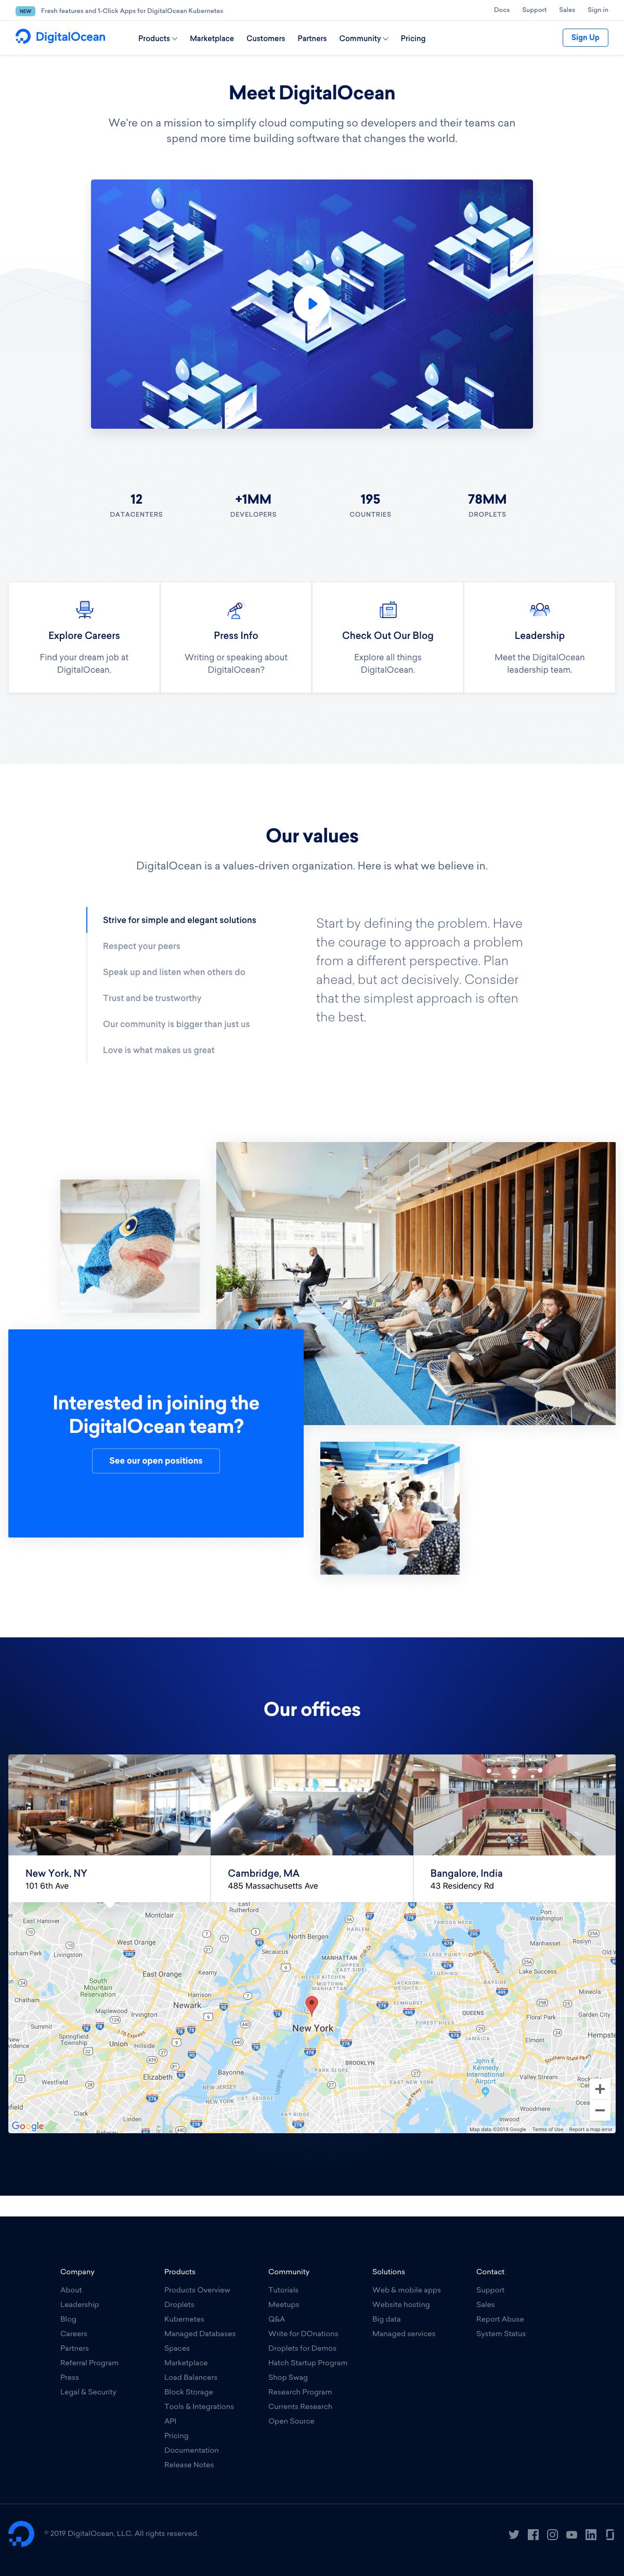 DigitalOcean - About us page